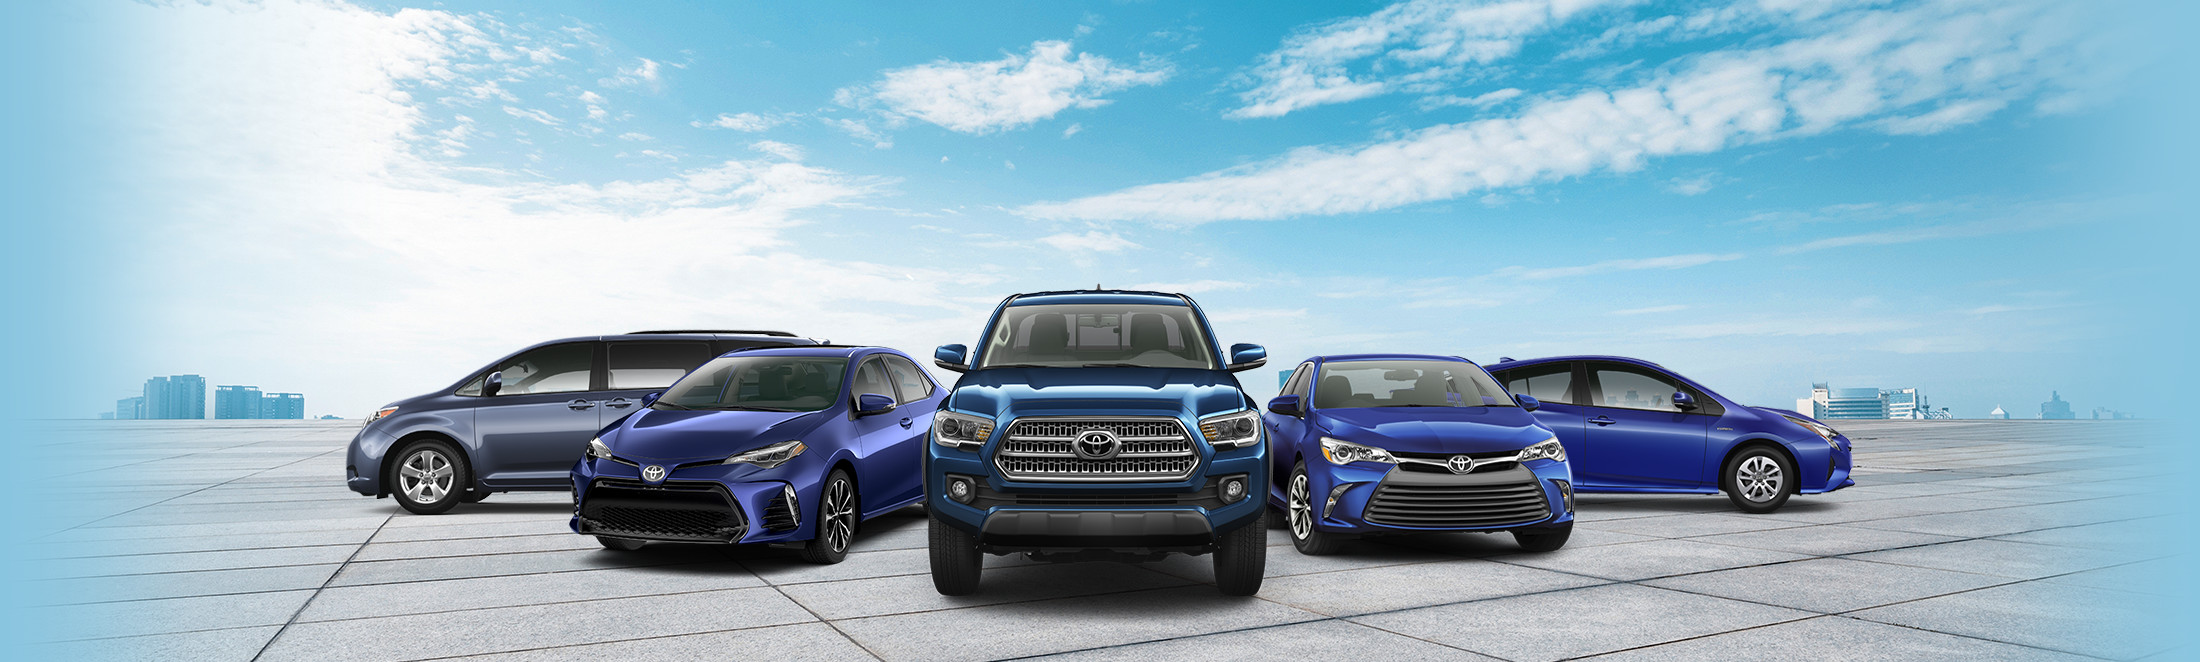 Un parc Toyota pour votre entreprise